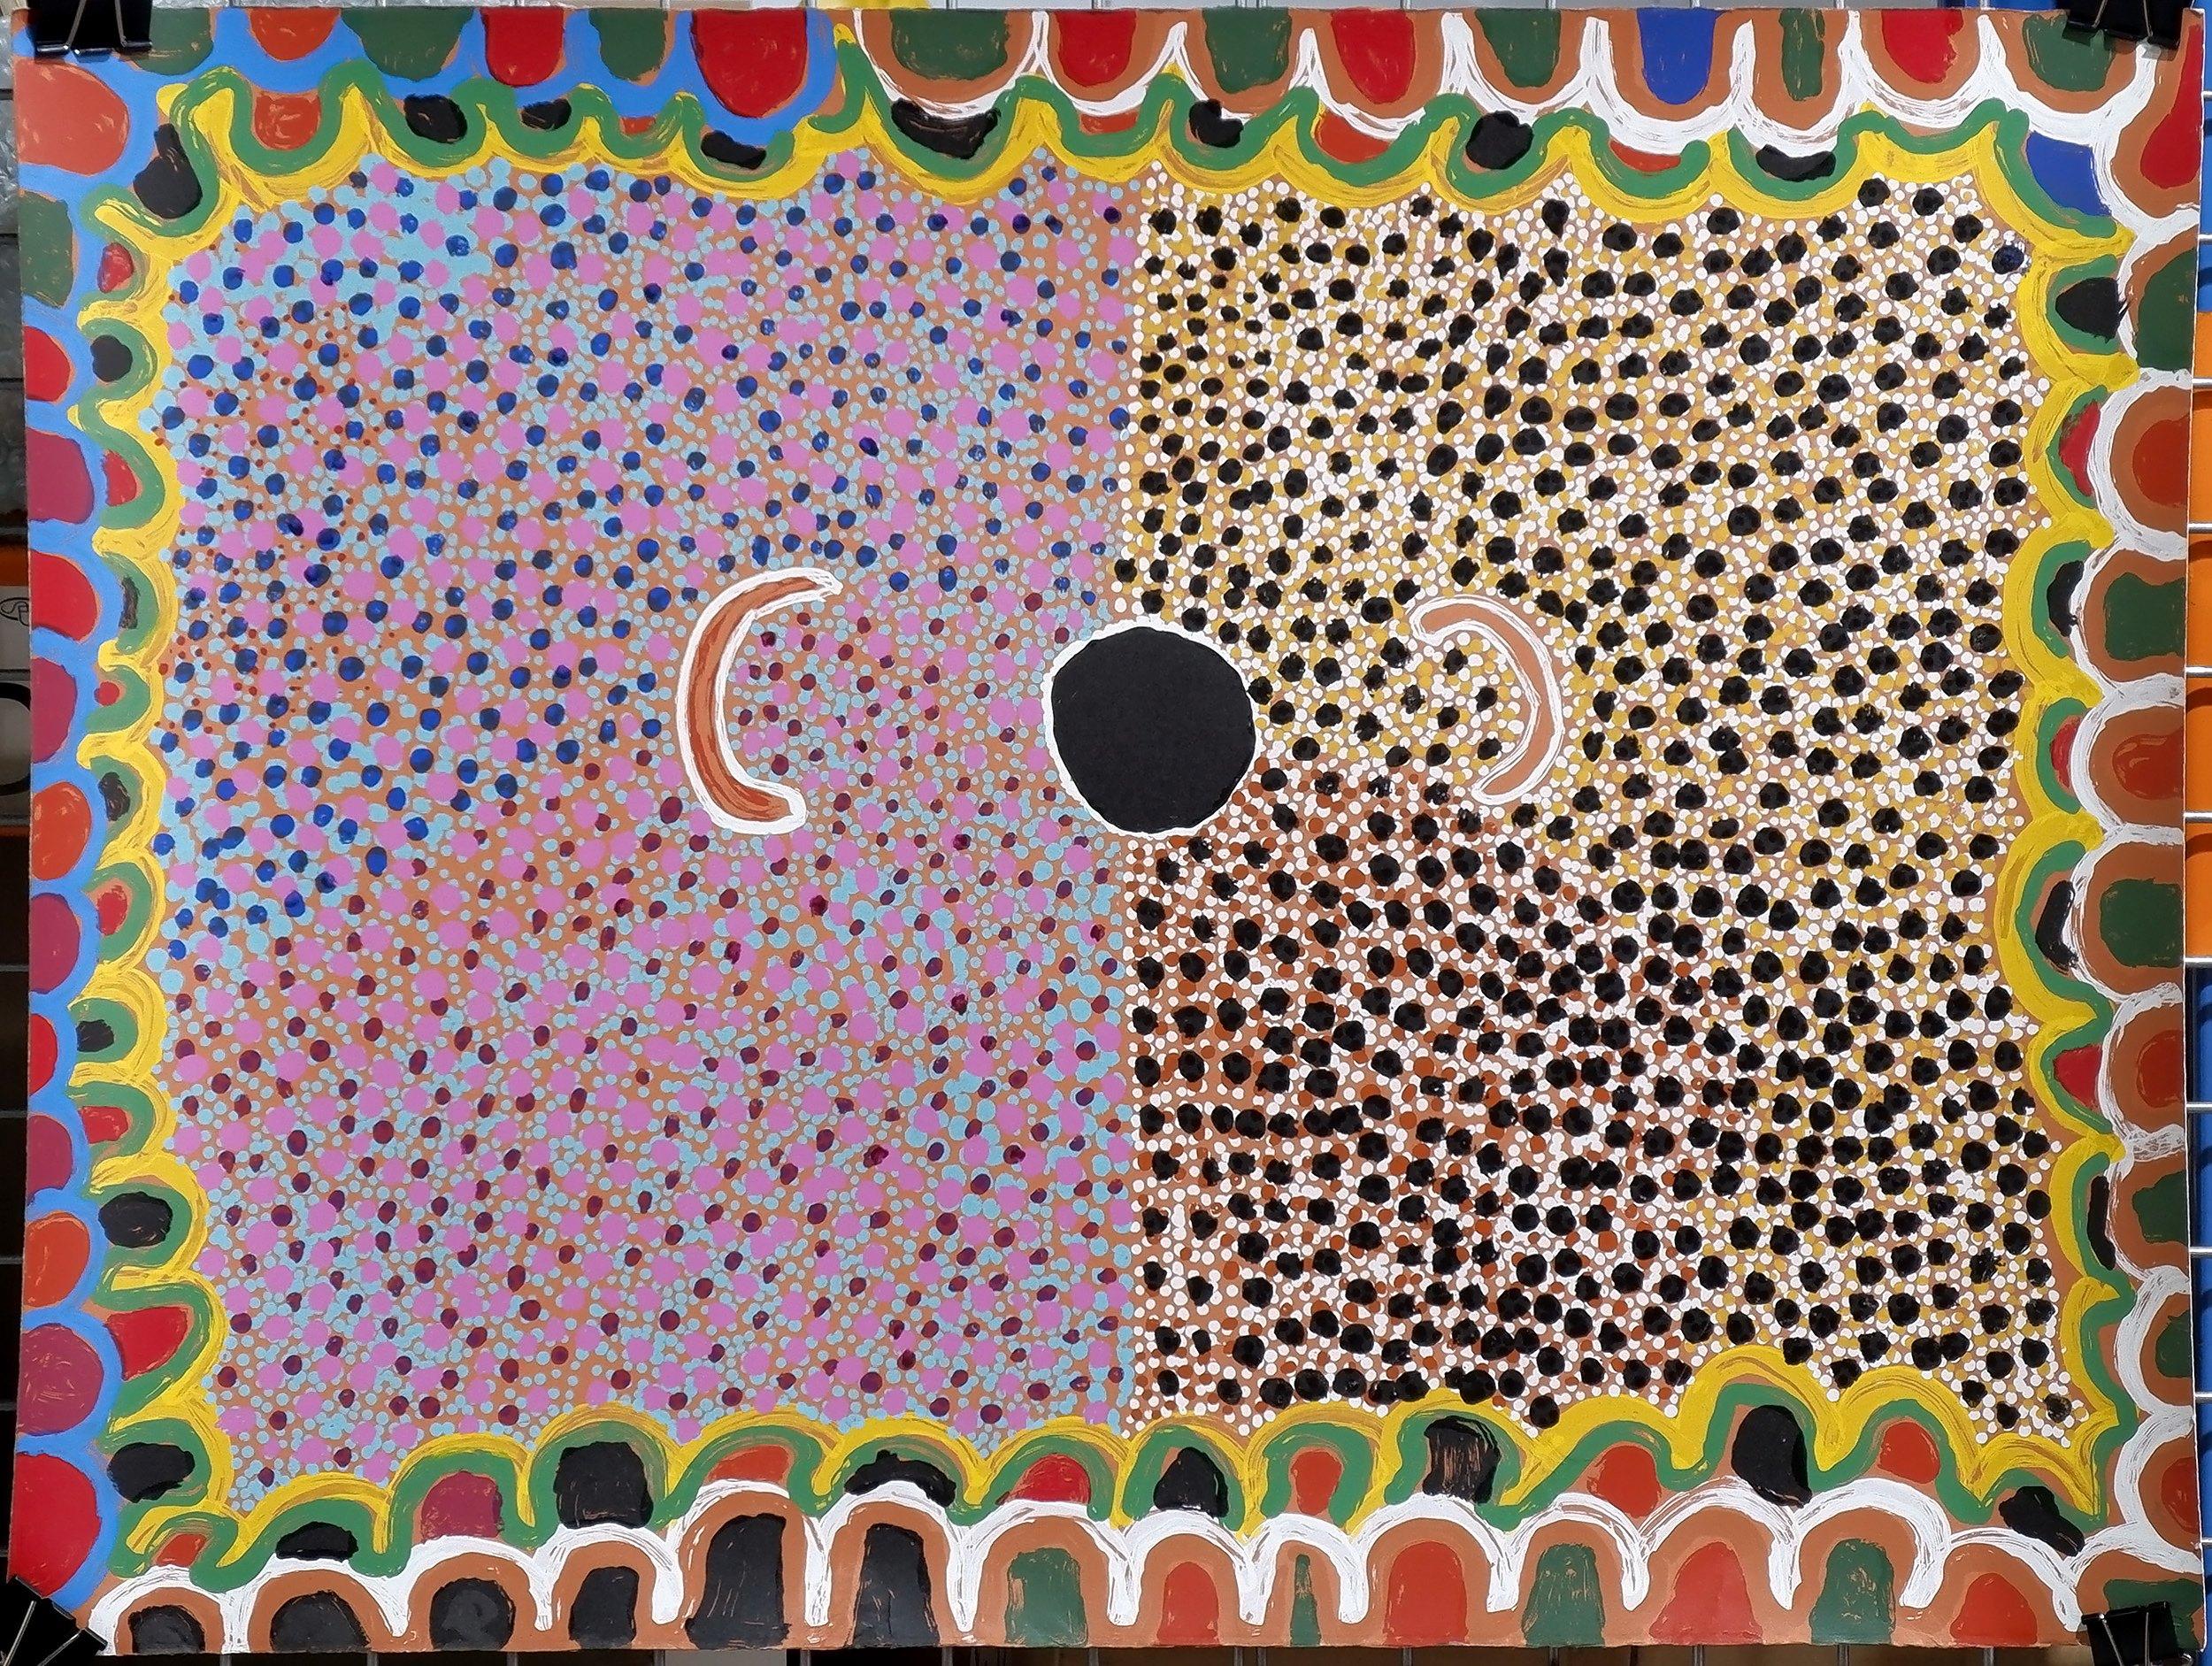 'Susie Bootja Bootja Napaltjarri (1935-2003) Acrylic on Paper 1999, Unframed'